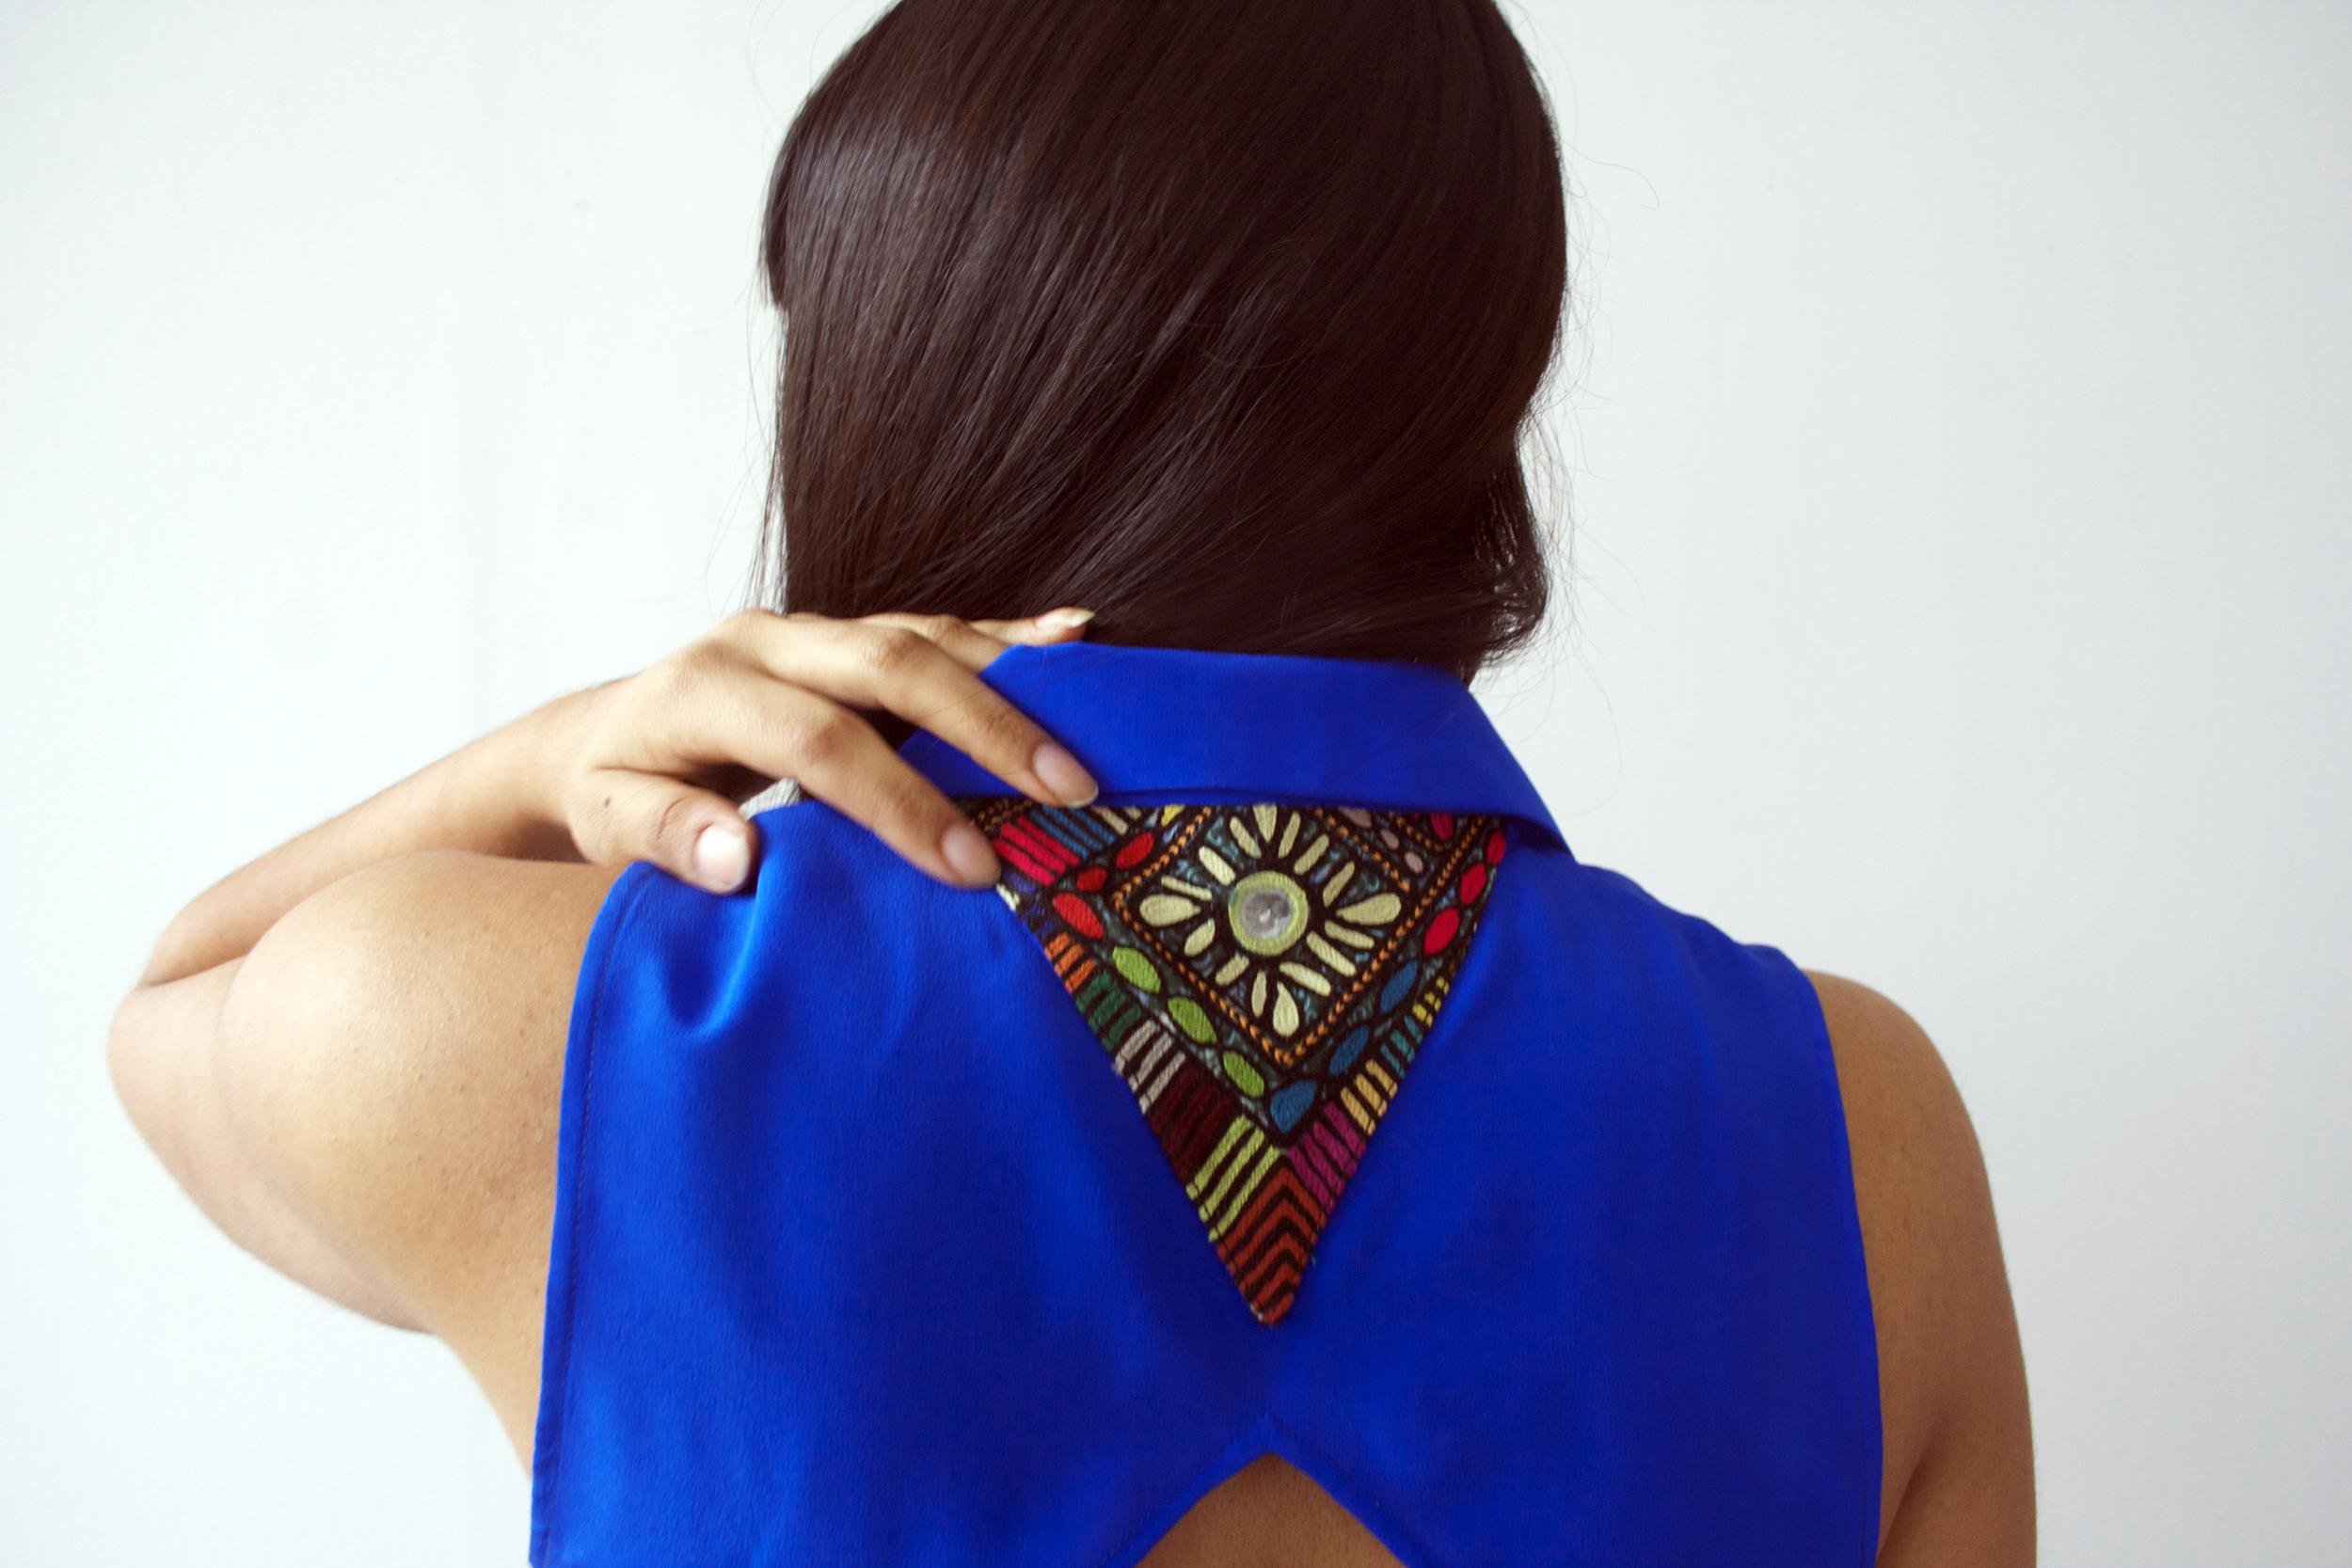 blouse back detail.jpg